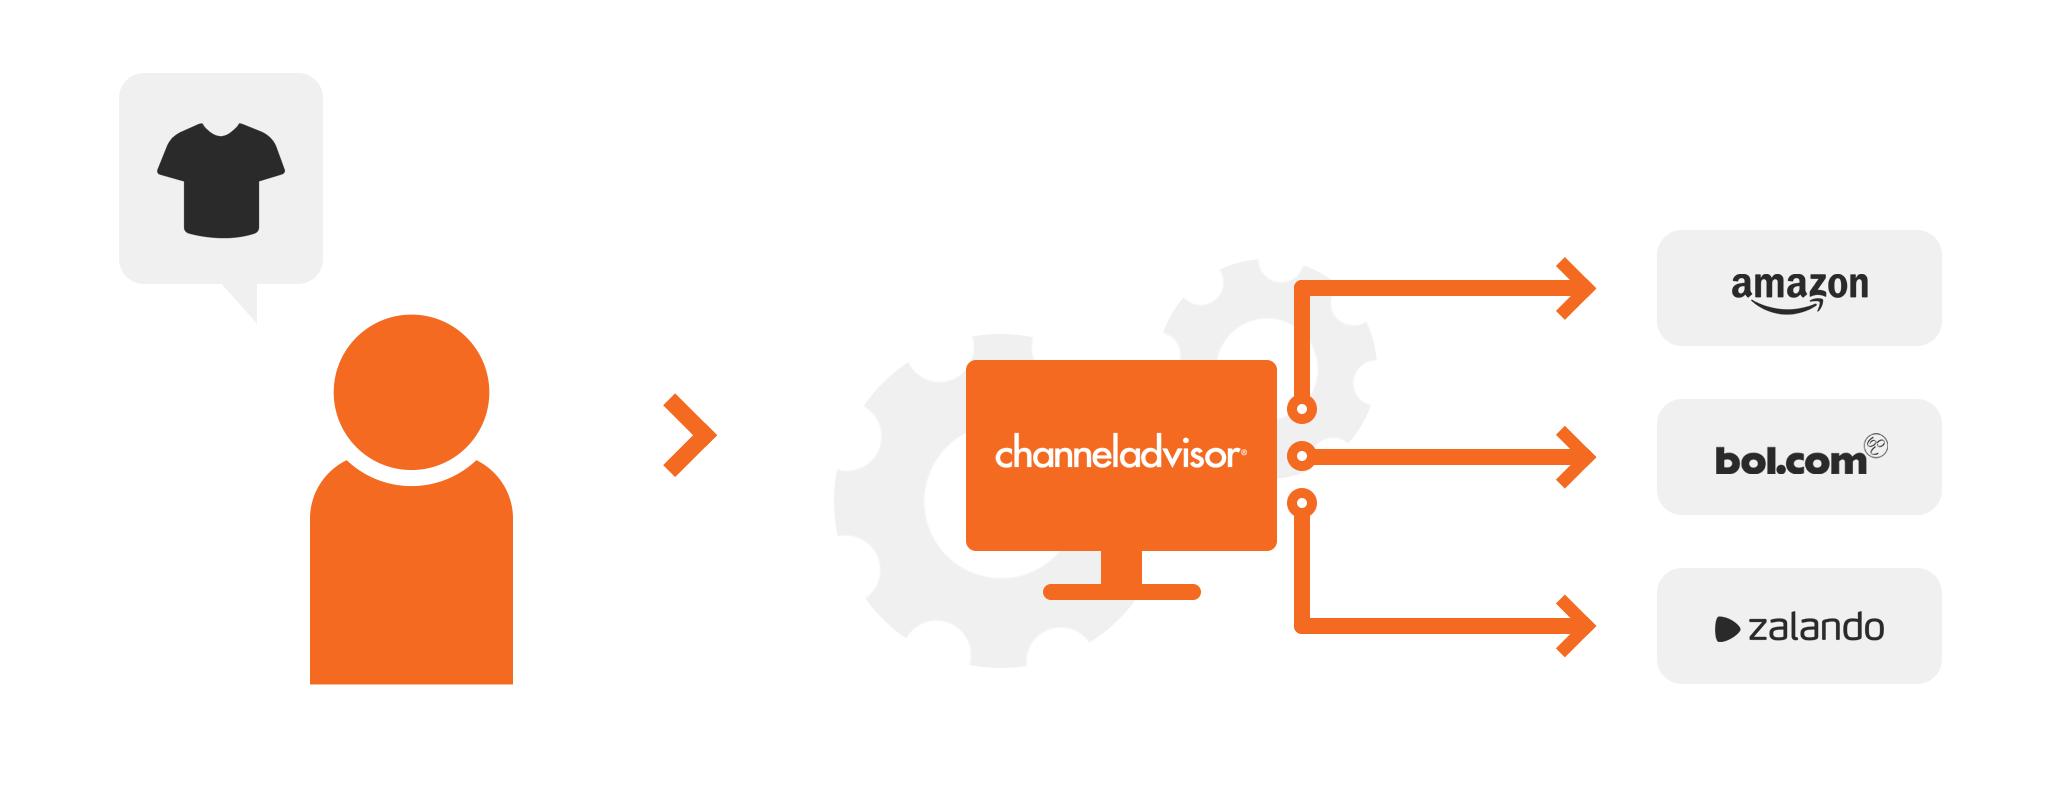 Brandsom Visual - Integratie (Channel Advisor)